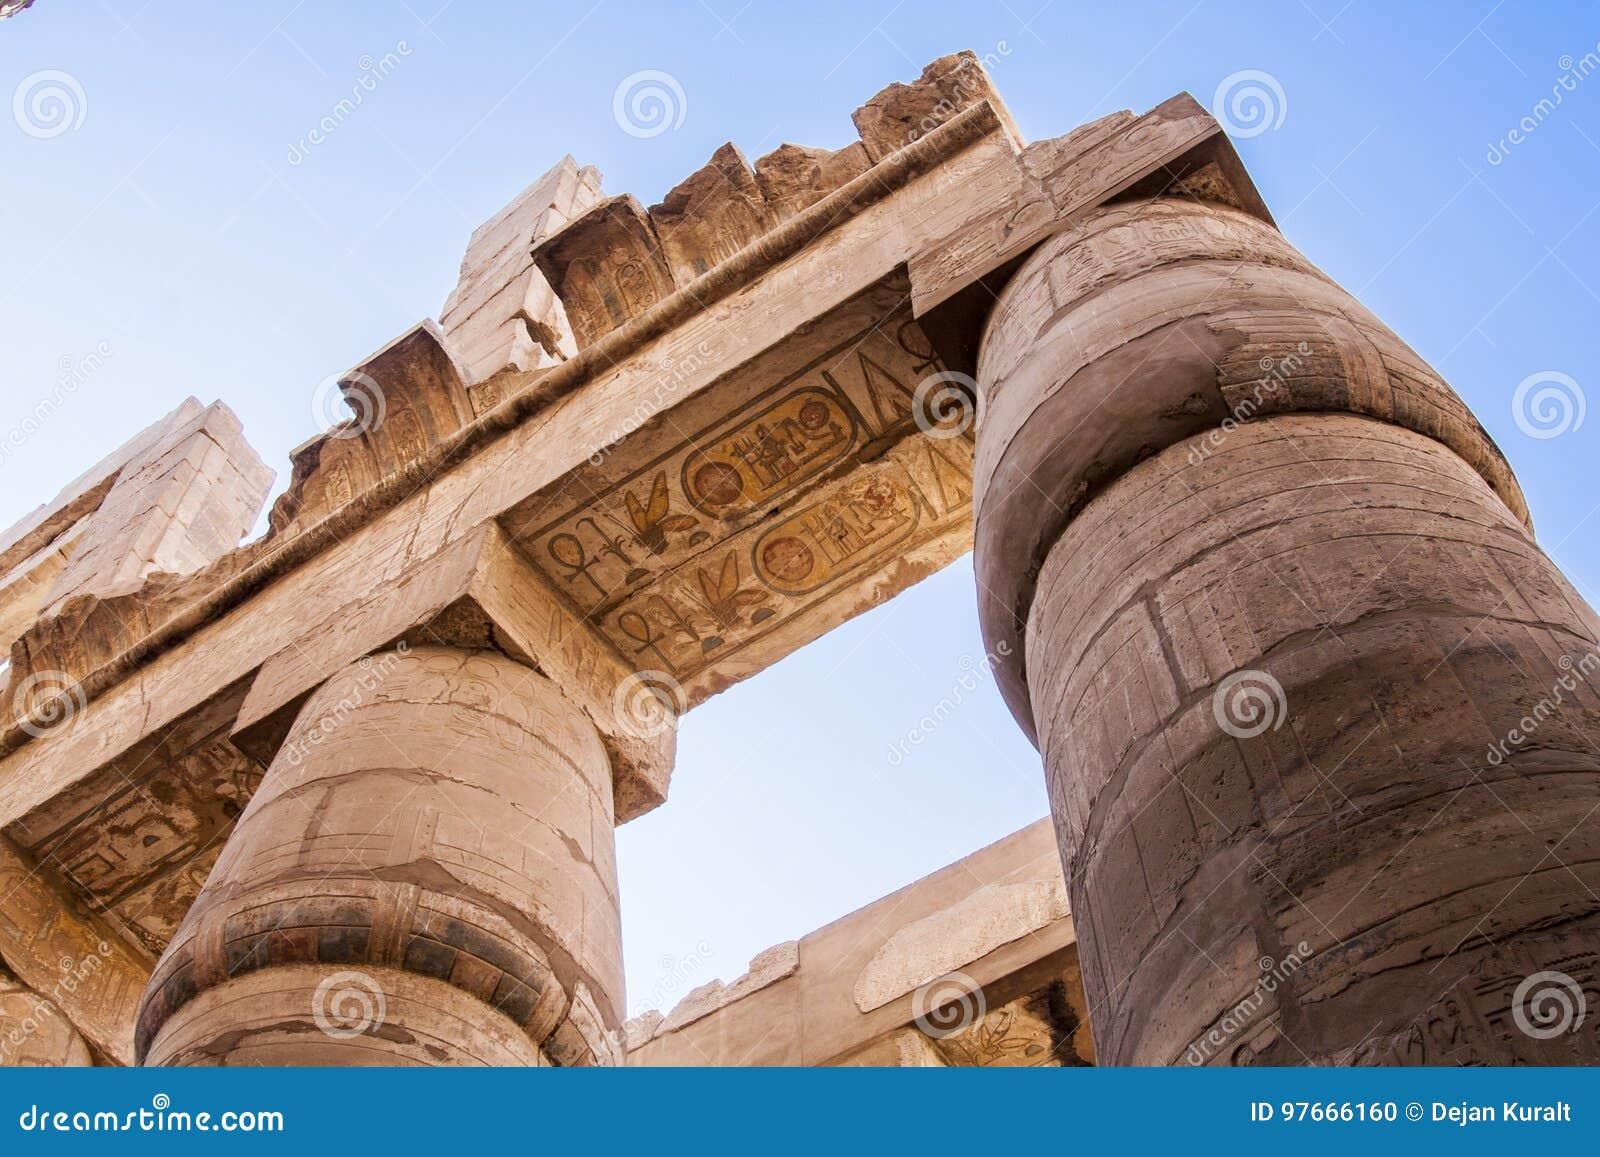 Αρχαίο hieroglyphics στους στυλοβάτες του ναού Karnak